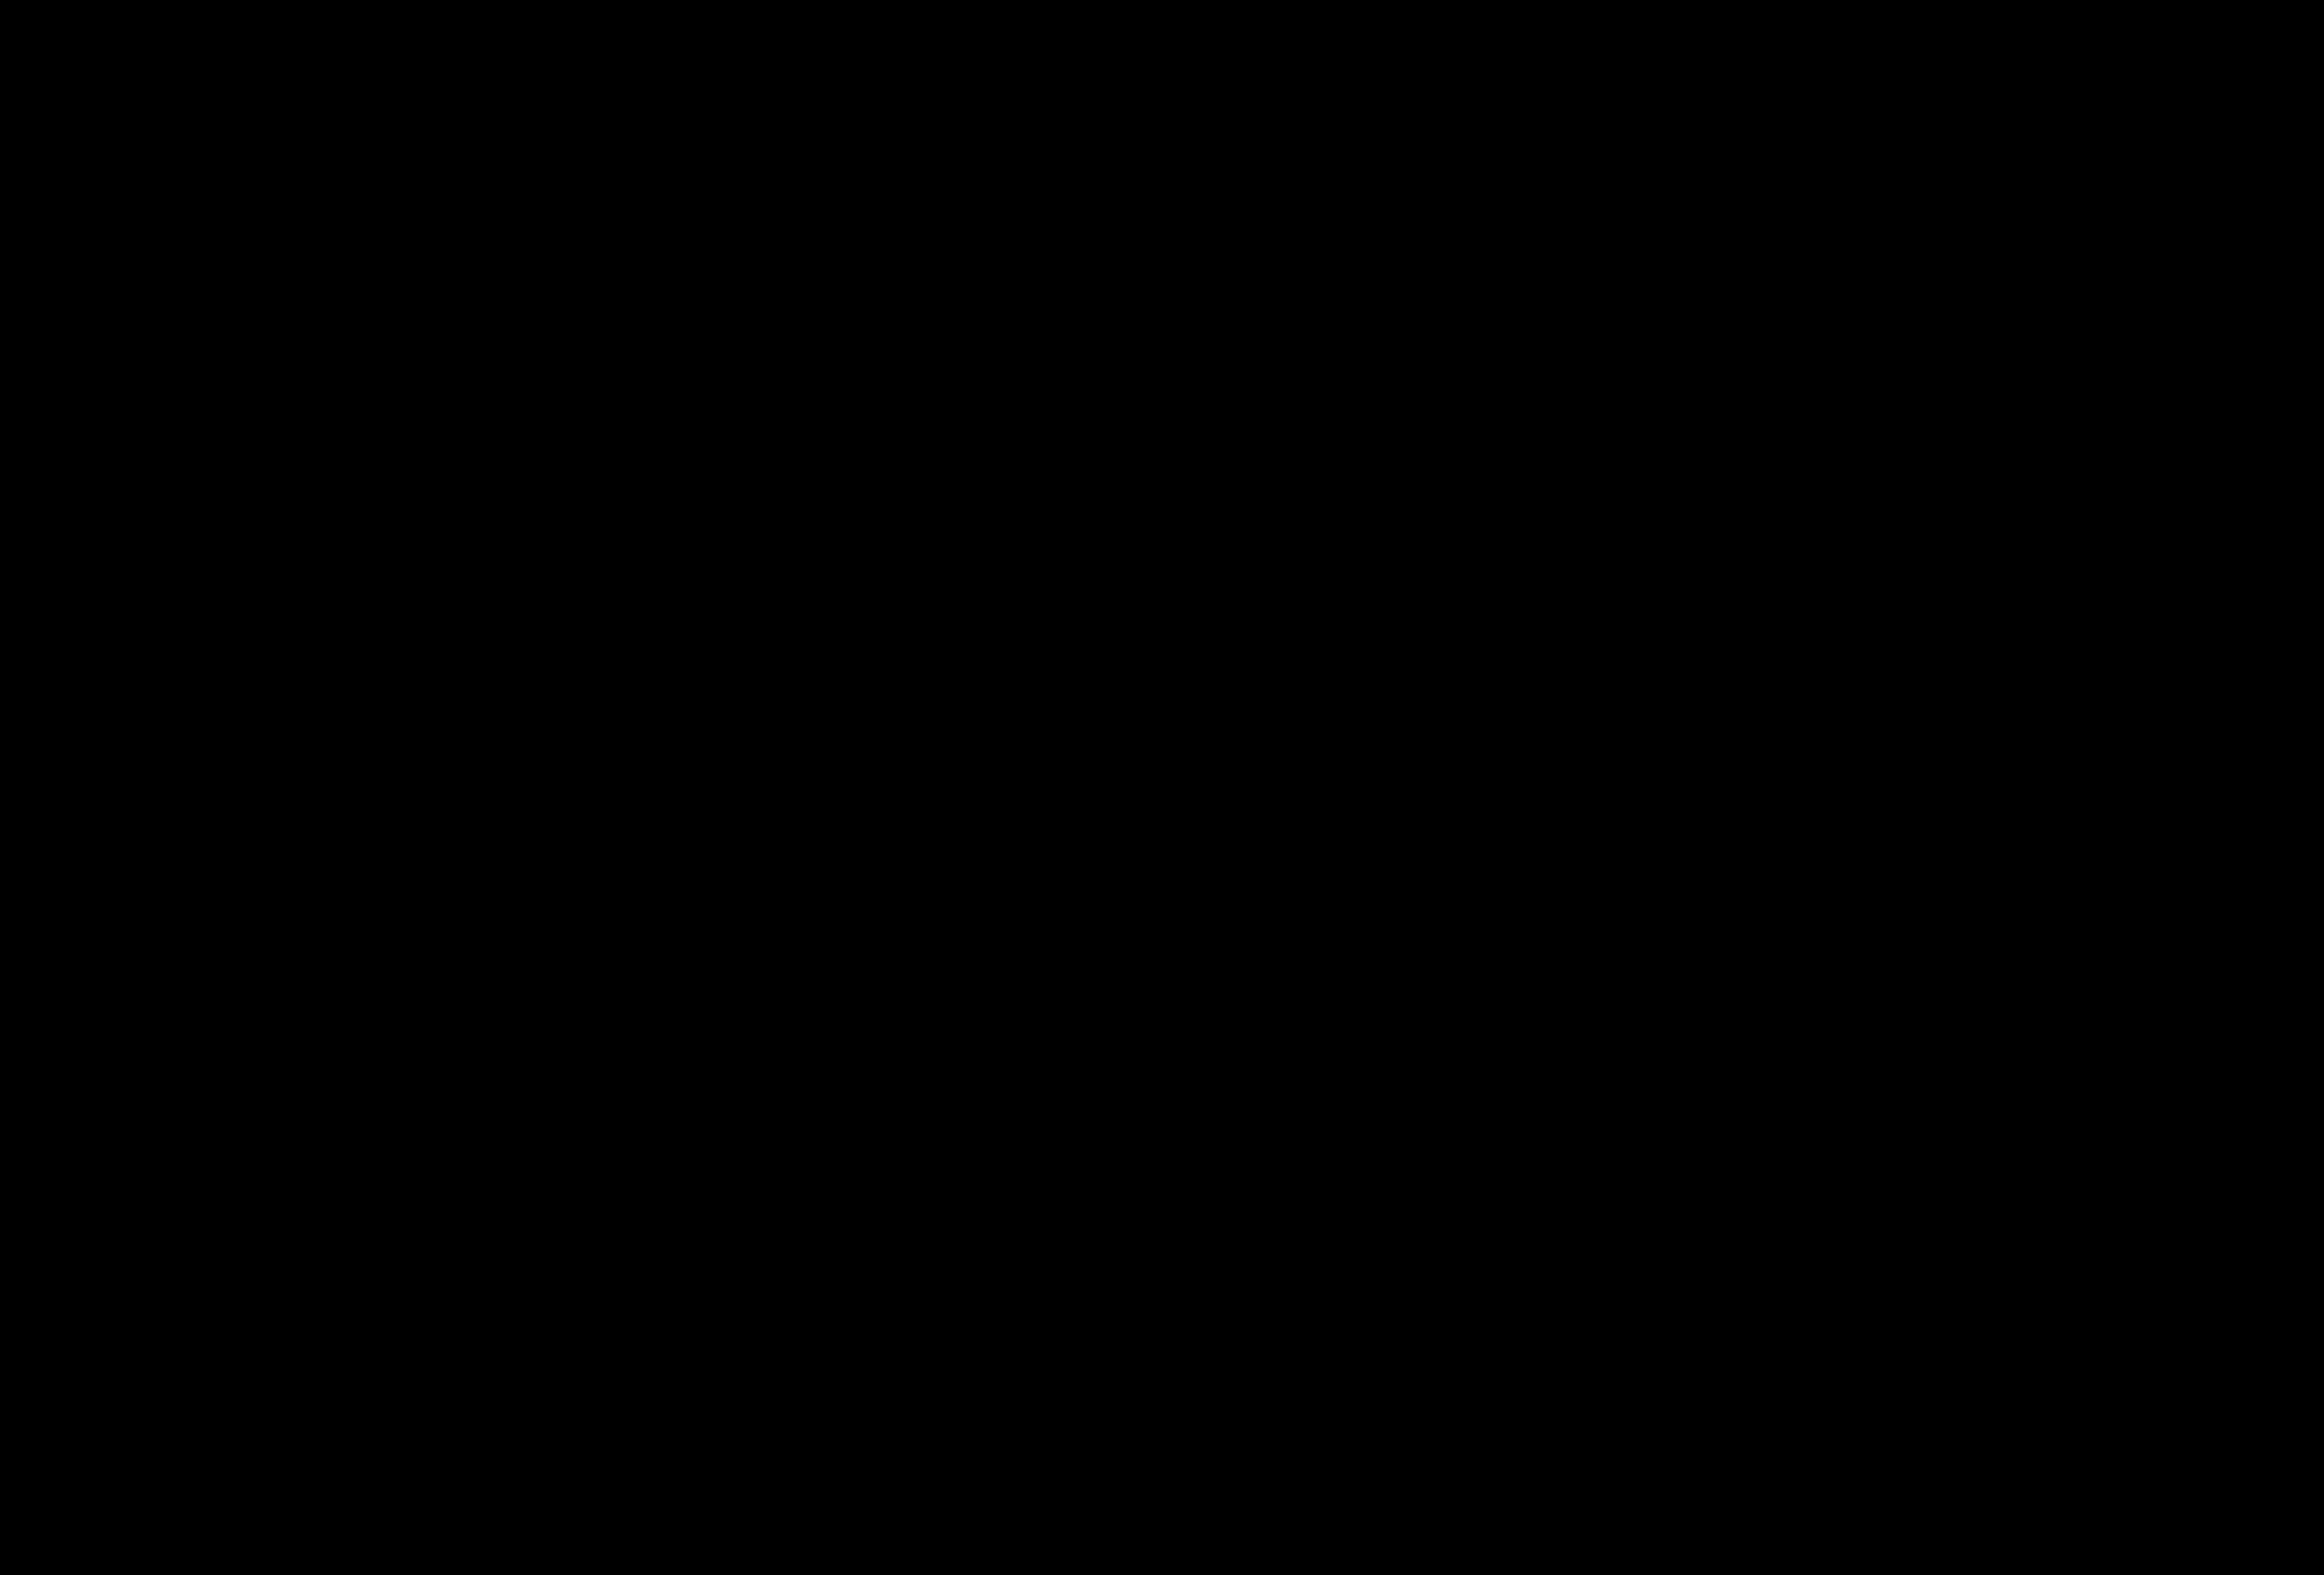 02-01.jpg